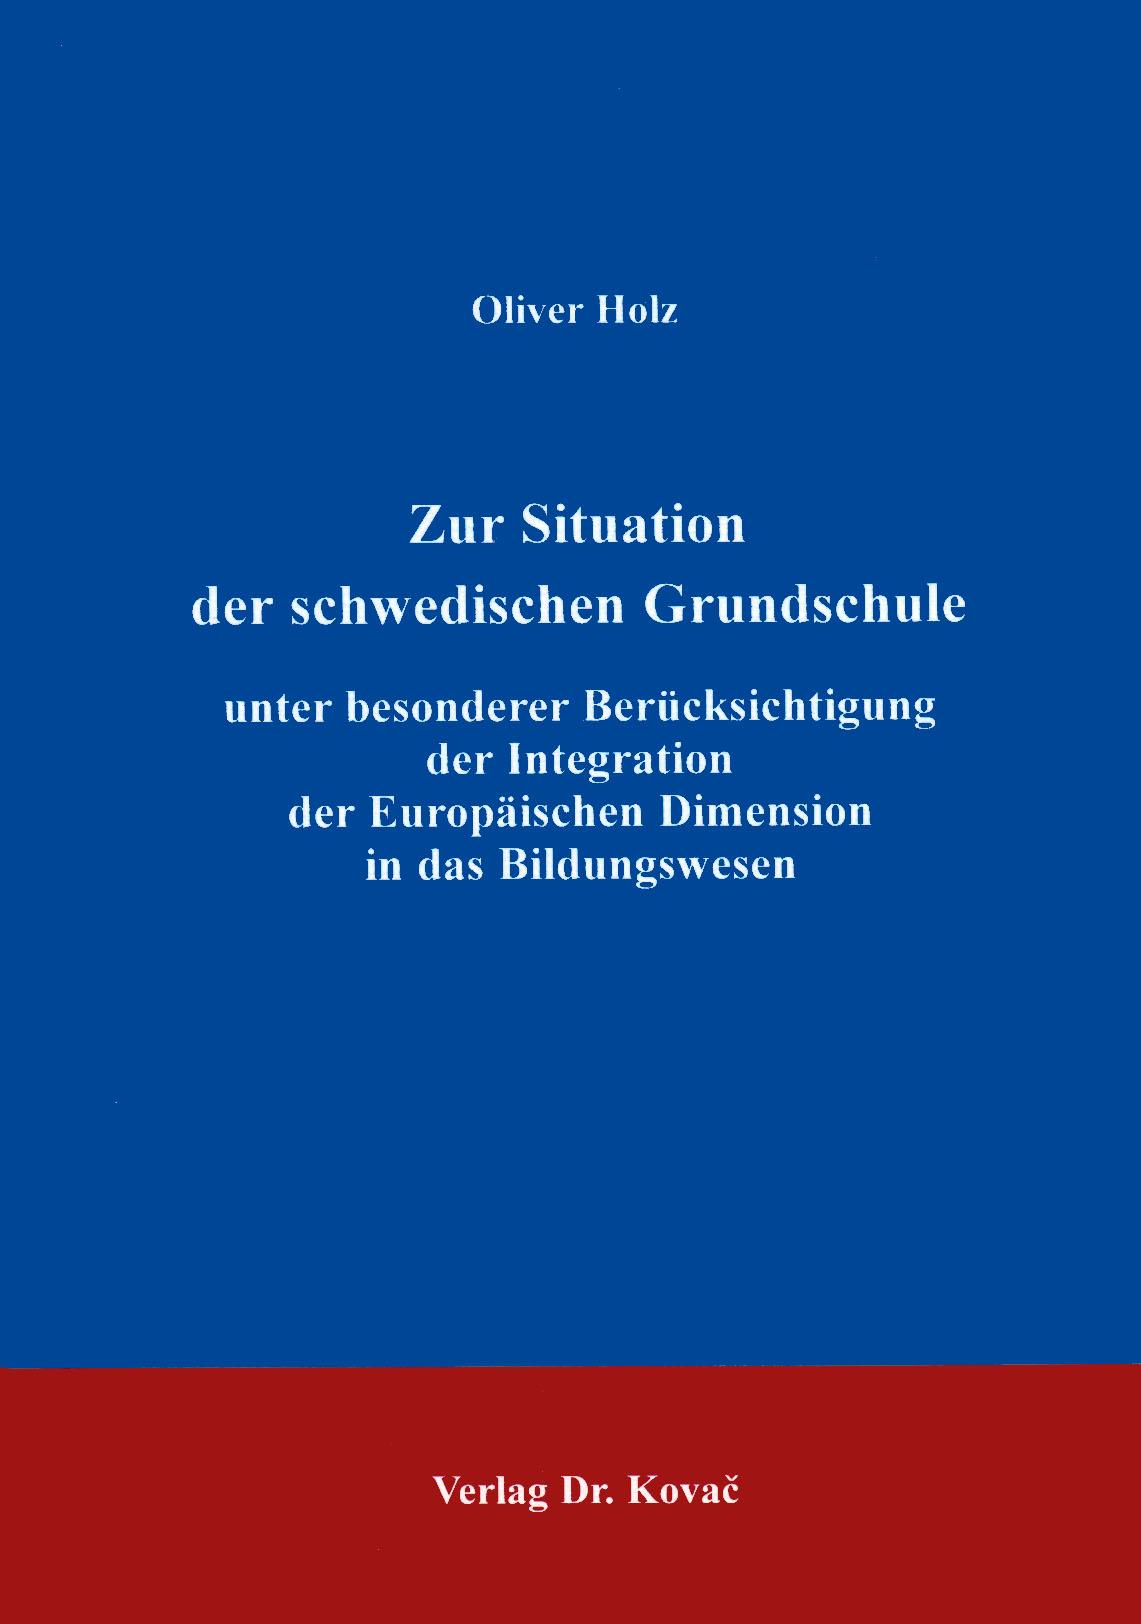 Cover: Zur Situation der schwedischen Grundschule unter besonderer Berücksichtigung der Integration der Europäischen Dimension in das Bildungswesen